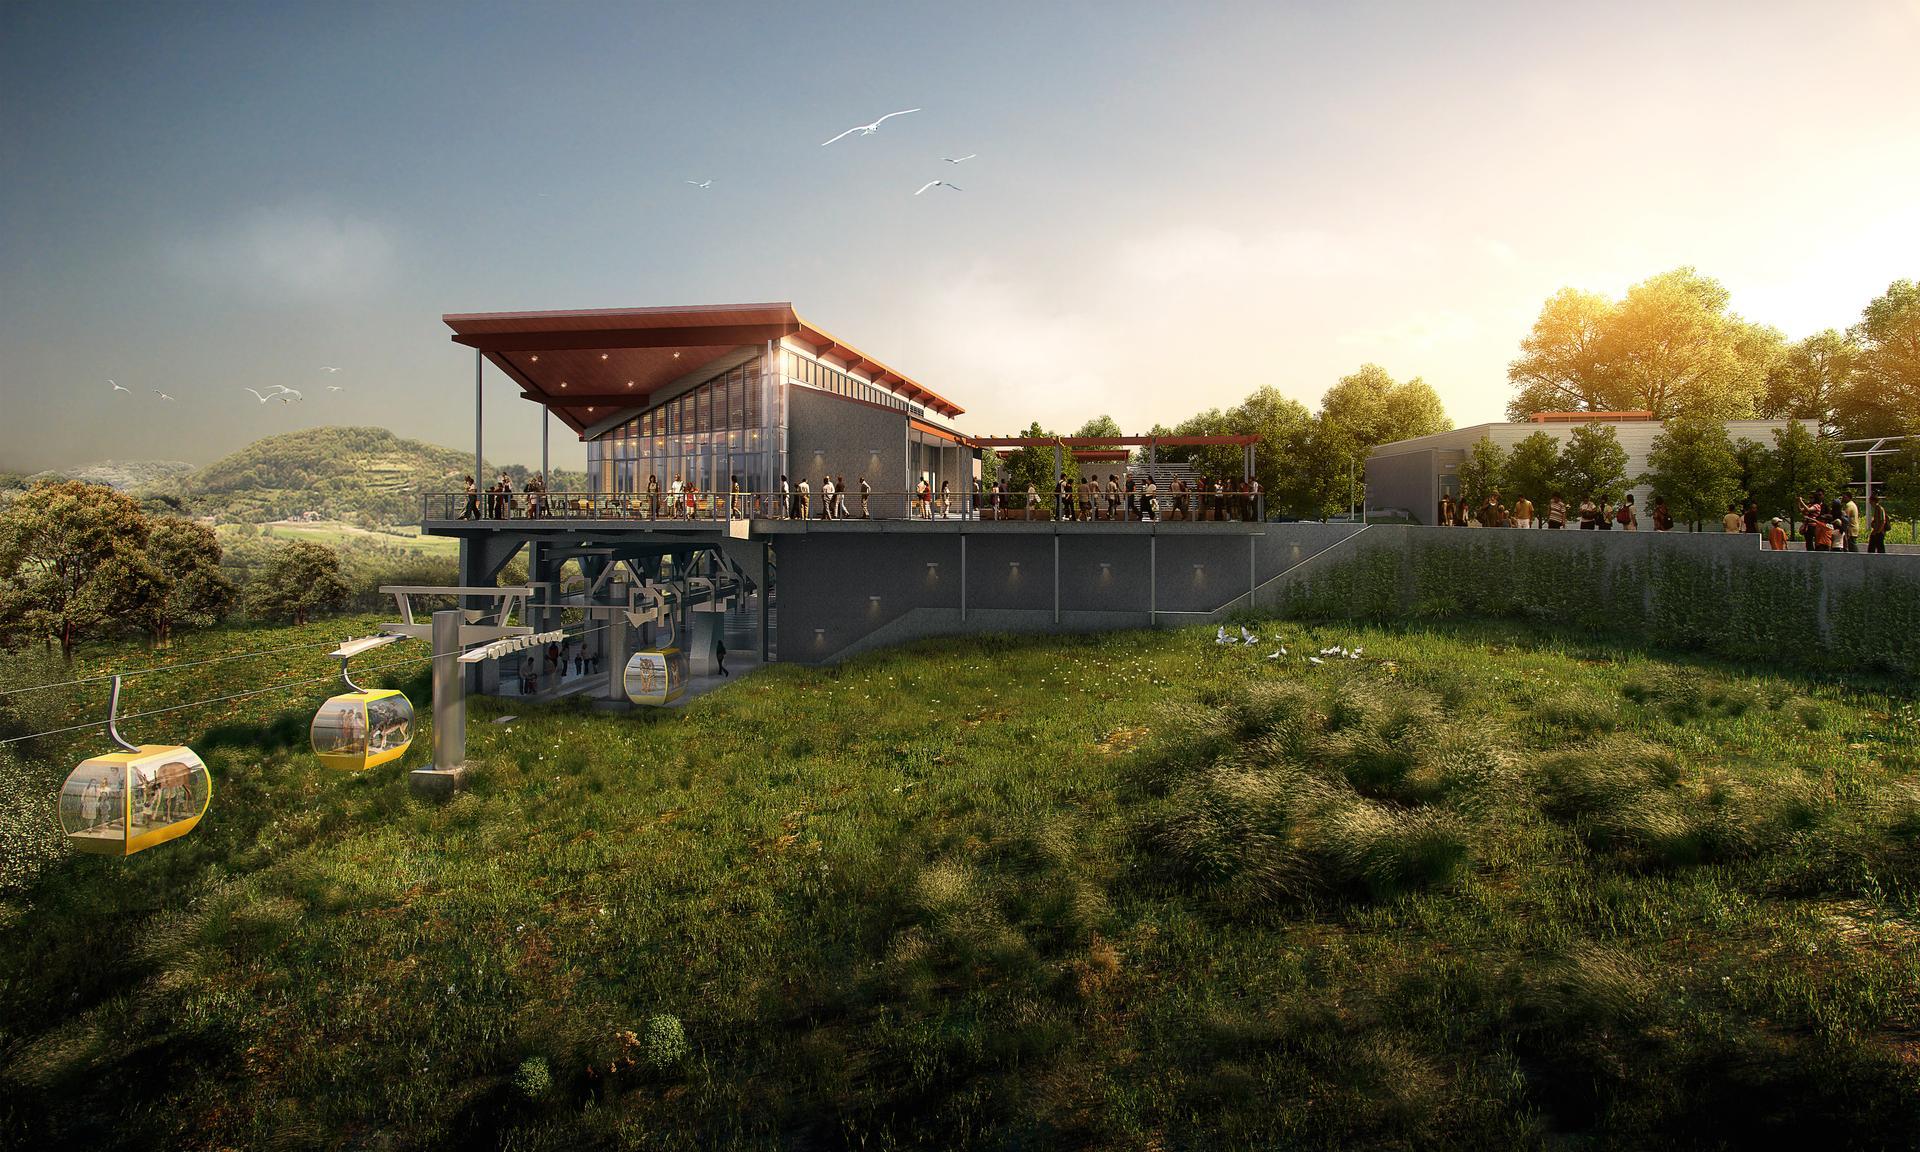 Innovative Gondola Coming to Oakland Zoo's California ...